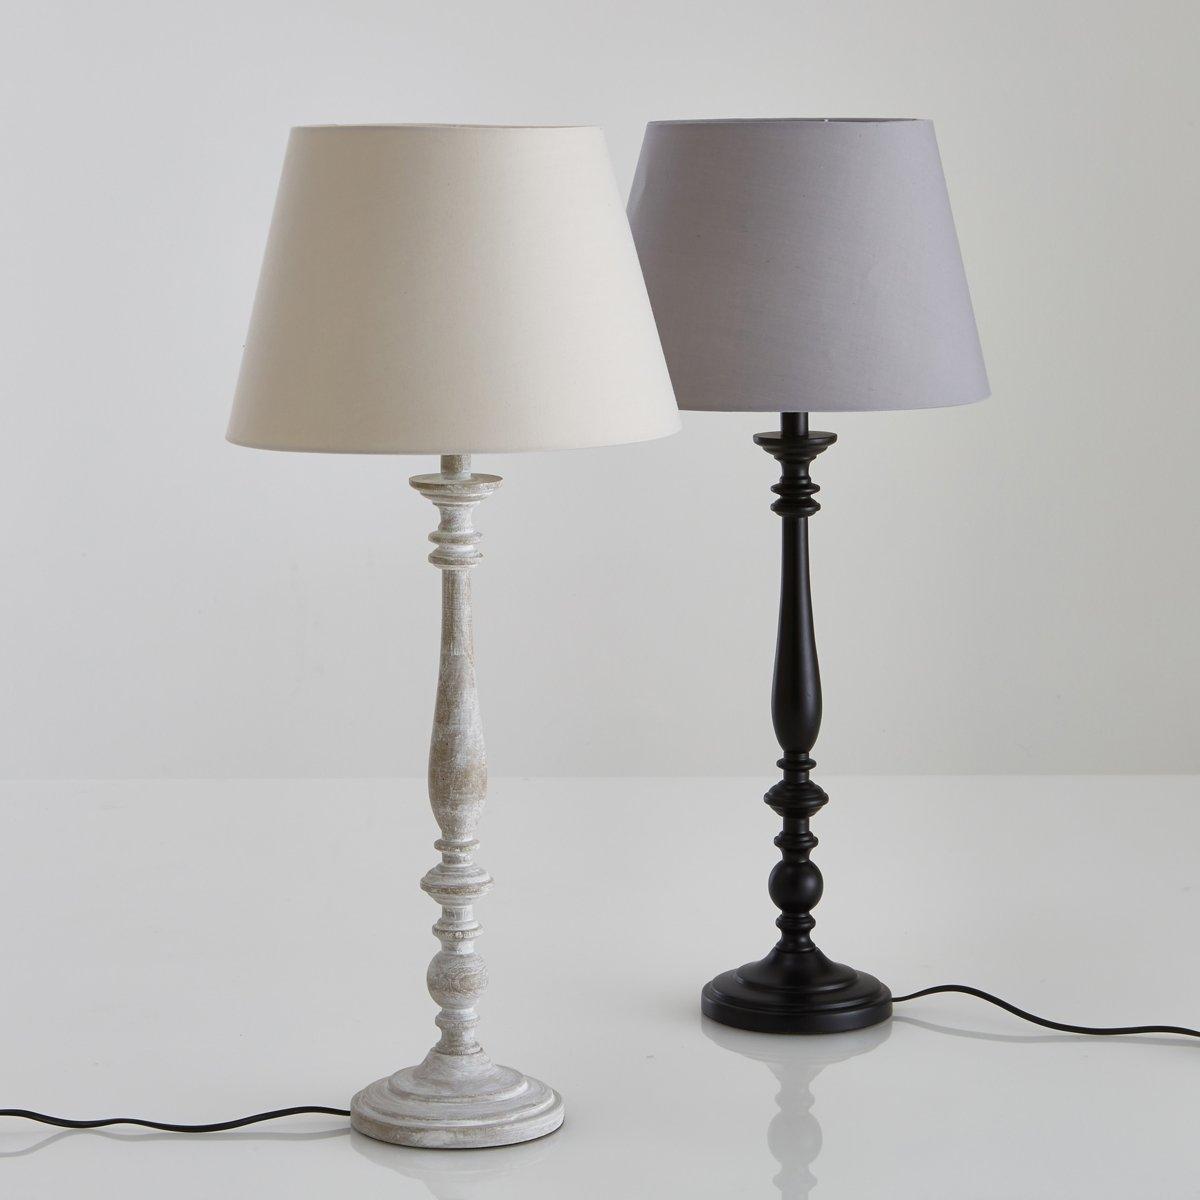 Лампа настольная из гельвеи, KanattaЛампа Kanatta из дерева гельвеи, элегантная и декоративная серо-коричневого цвета .Описание настольной лампы из гельвеи Kanatta :  Вращающаяся ножка. Однотонный абажур Патрон E14 для лампочки 40W (не входит в комплект)  .   Этот светильник совместим с лампочками    энергетического класса    : A-B-C-D-EХарактеристики лампы Kanatta :  Из гельвеи серо-коричневого цвета . Абажур 100% хлопок . Всю коллекцию светильников вы можете найти на сайте laredoute.ru.Размеры лампы  Kanatta  :Лампа: Высота : 70 см, Диаметр низа: 15 см.. Абажур: Диаметр верха  : 22 смДиаметр внизу : 32 смВысота : 21 см.<br><br>Цвет: серо-каштановый беленый